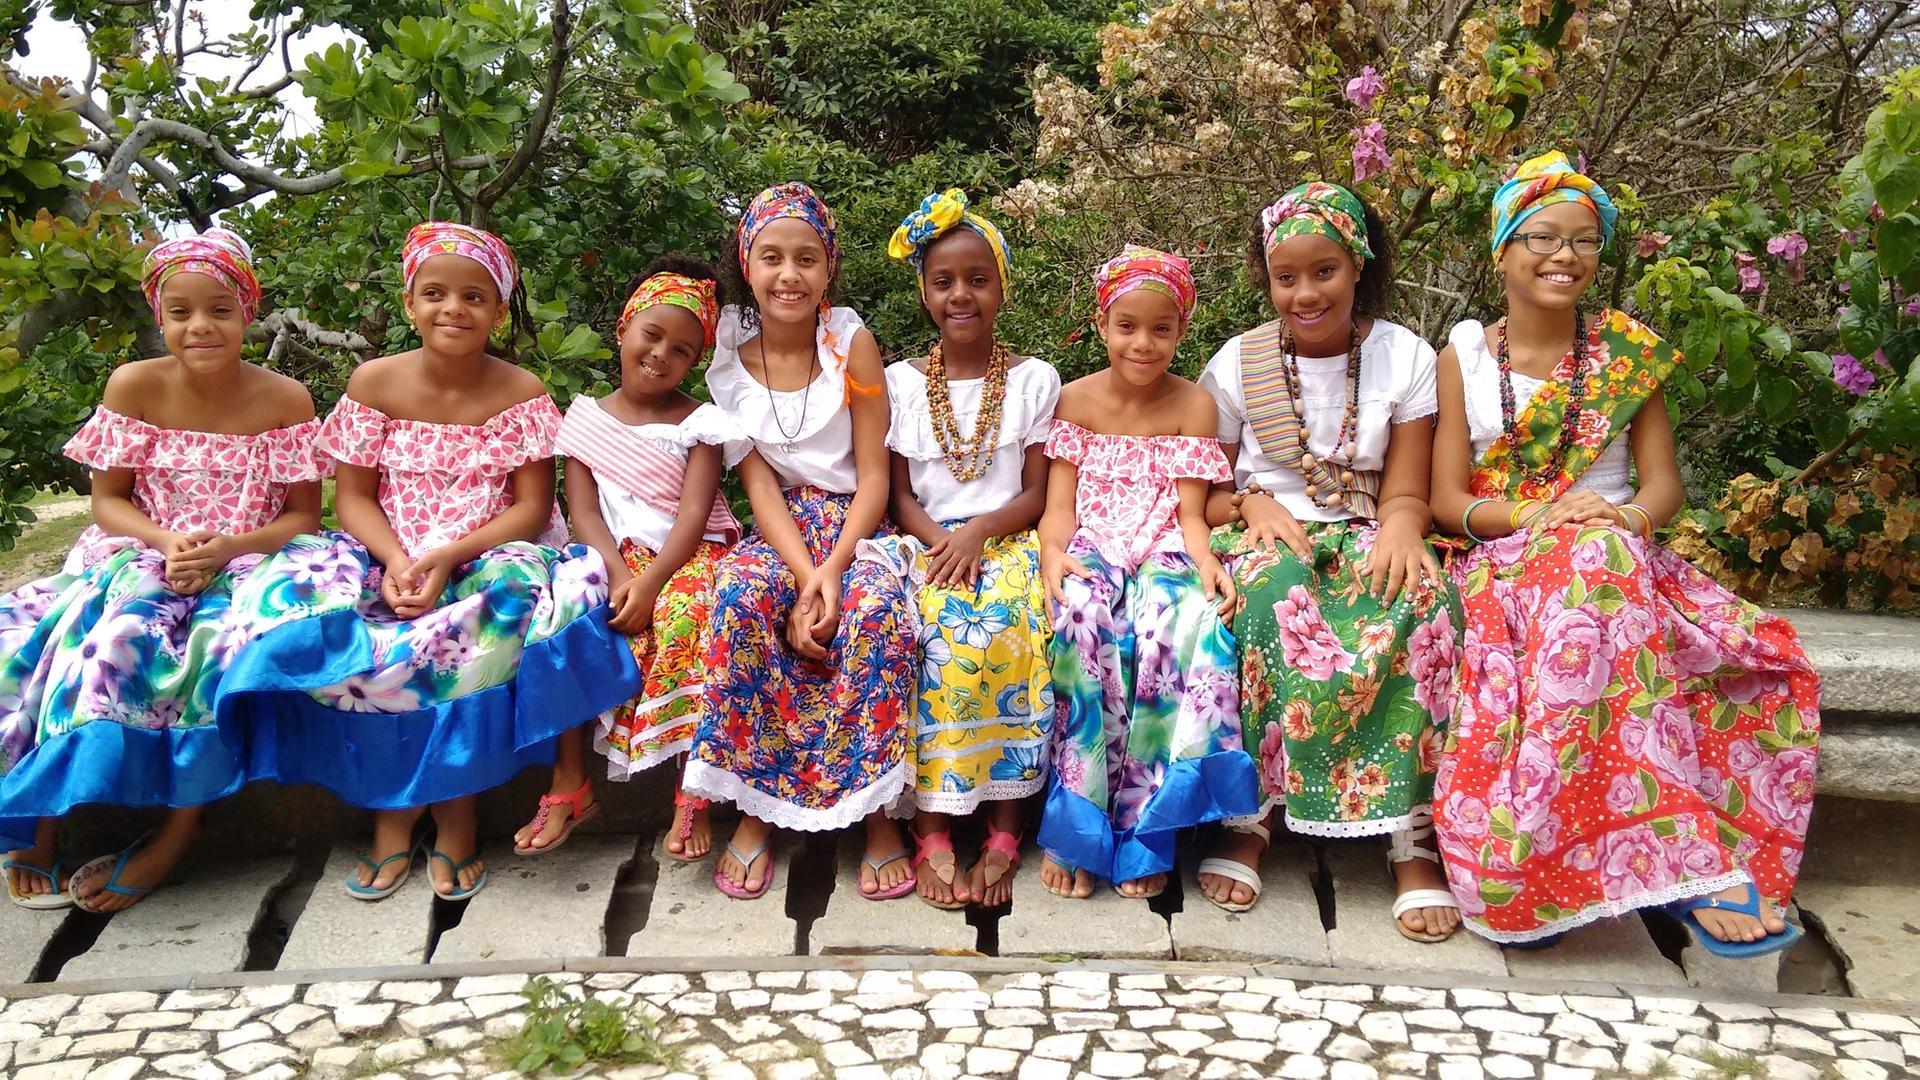 Tradição que atravessa gerações. Foto: Acervo da Associação Cultural As Ganhadeiras de Itapuã